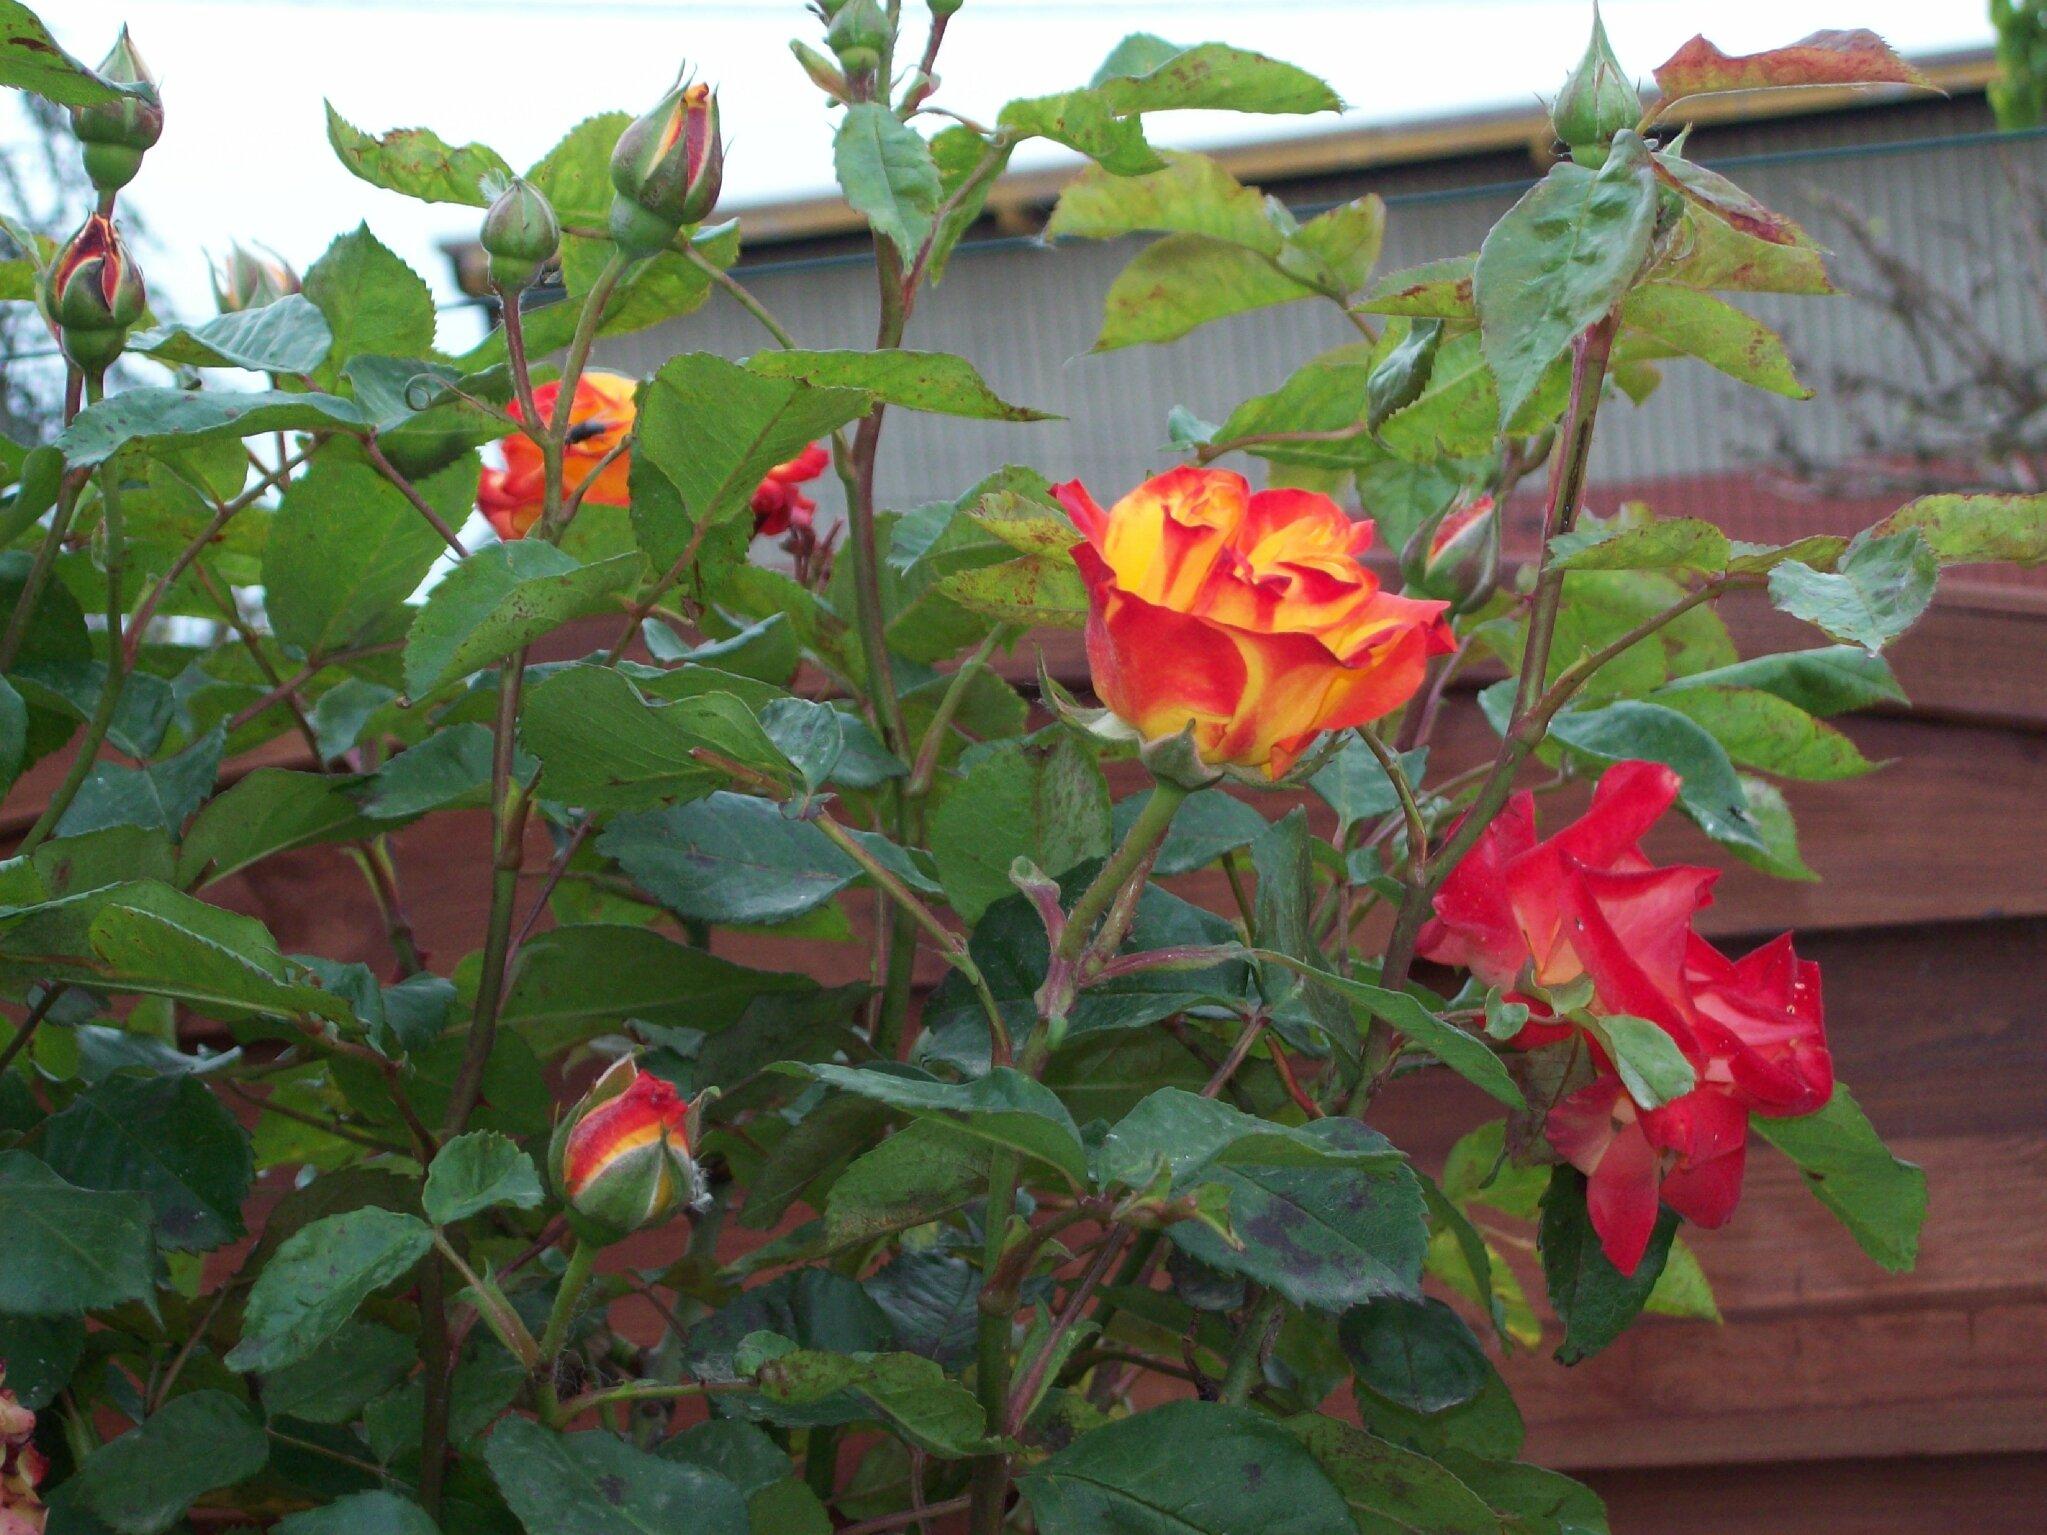 Vive le printemps dans mon jardin le blog de michelotte for Vive le jardin montaigu